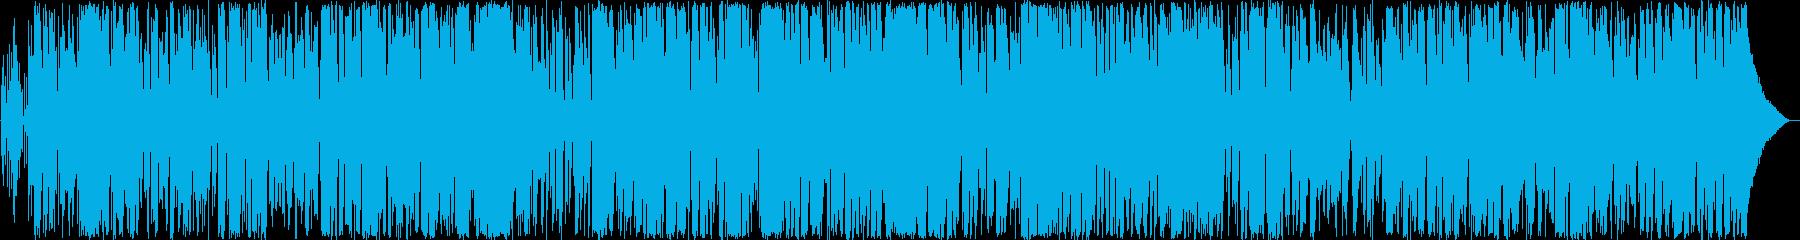 癒しのボサノバミュージックの再生済みの波形